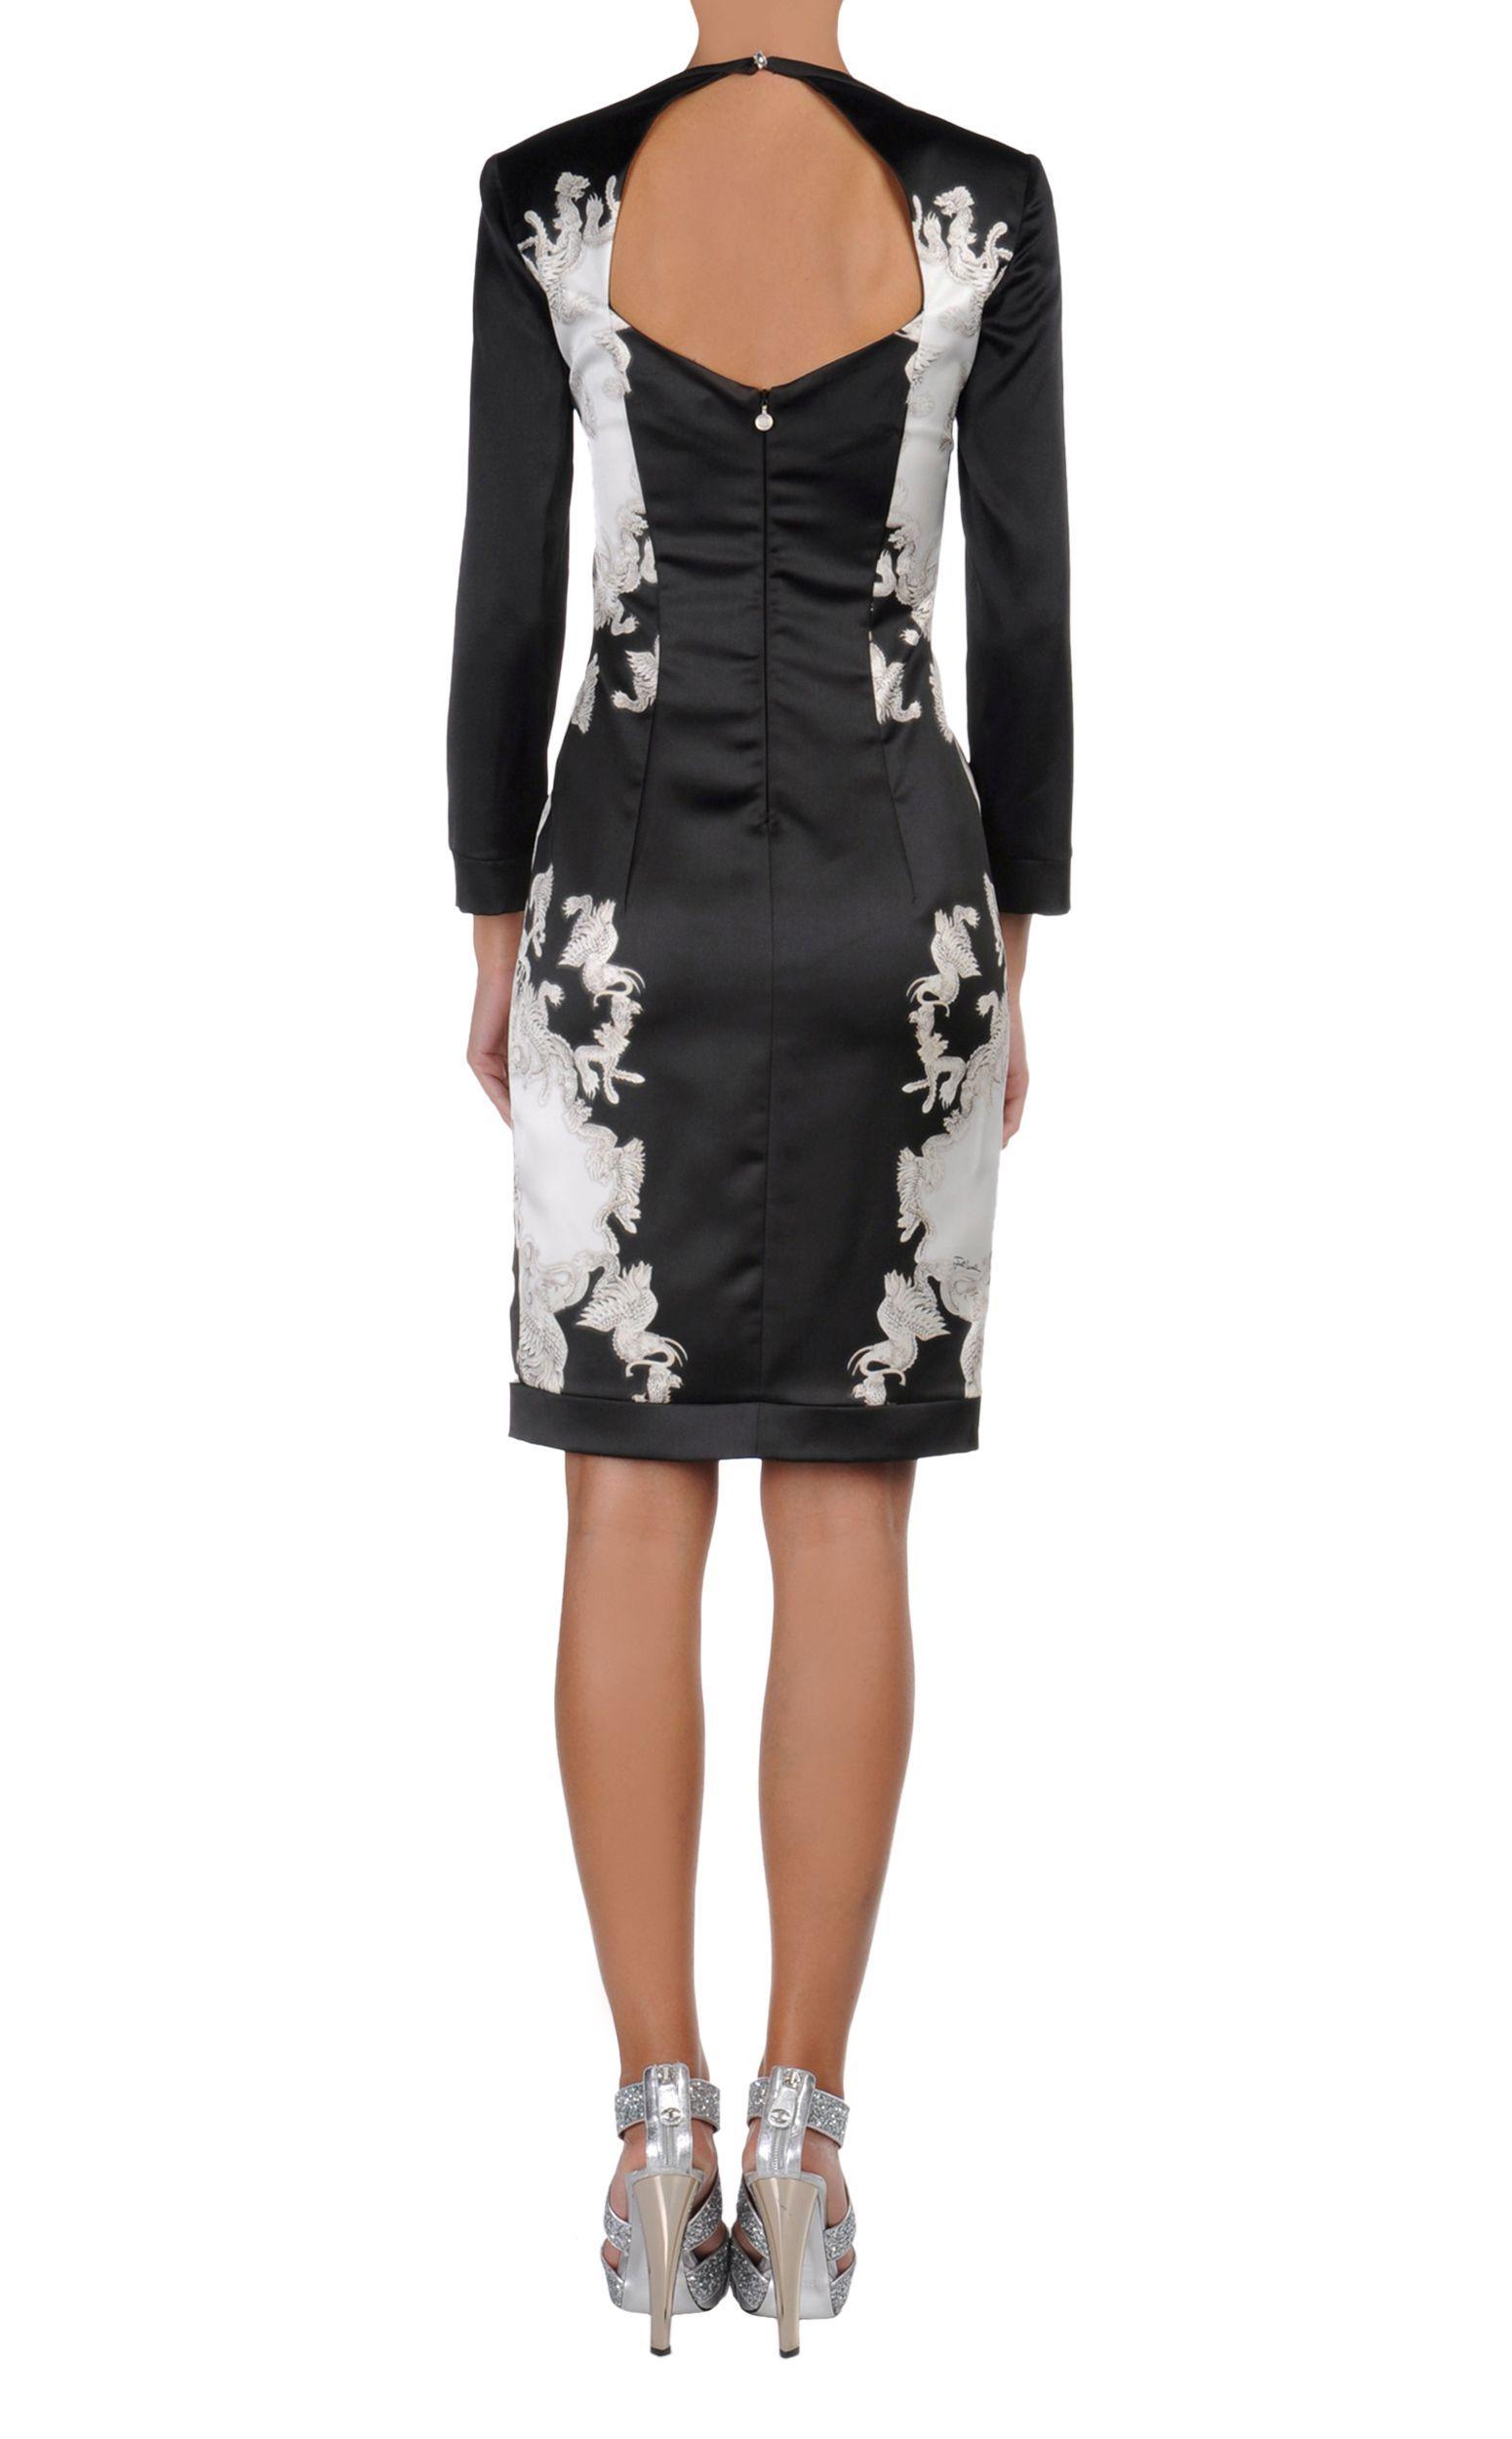 Decote nas costas. Abito corto Donna - Vestiti Donna su Just Cavalli Online Store